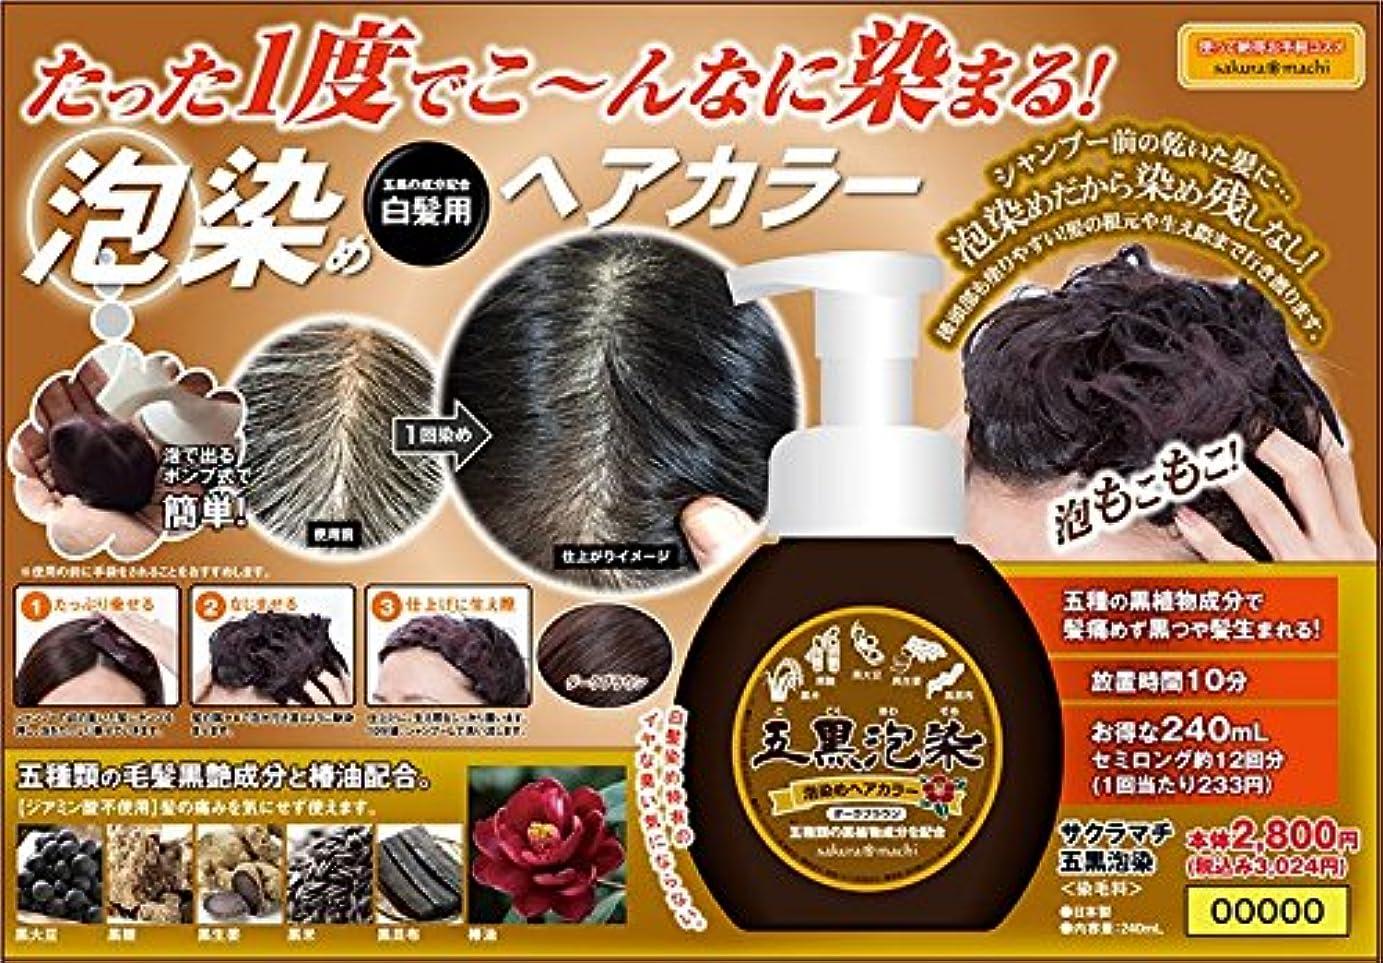 比喩可愛いうれしい五種の黒艶成分で染め上げる!泡染めヘアカラー サクラマチ GOKOKU泡染め(ごこく)